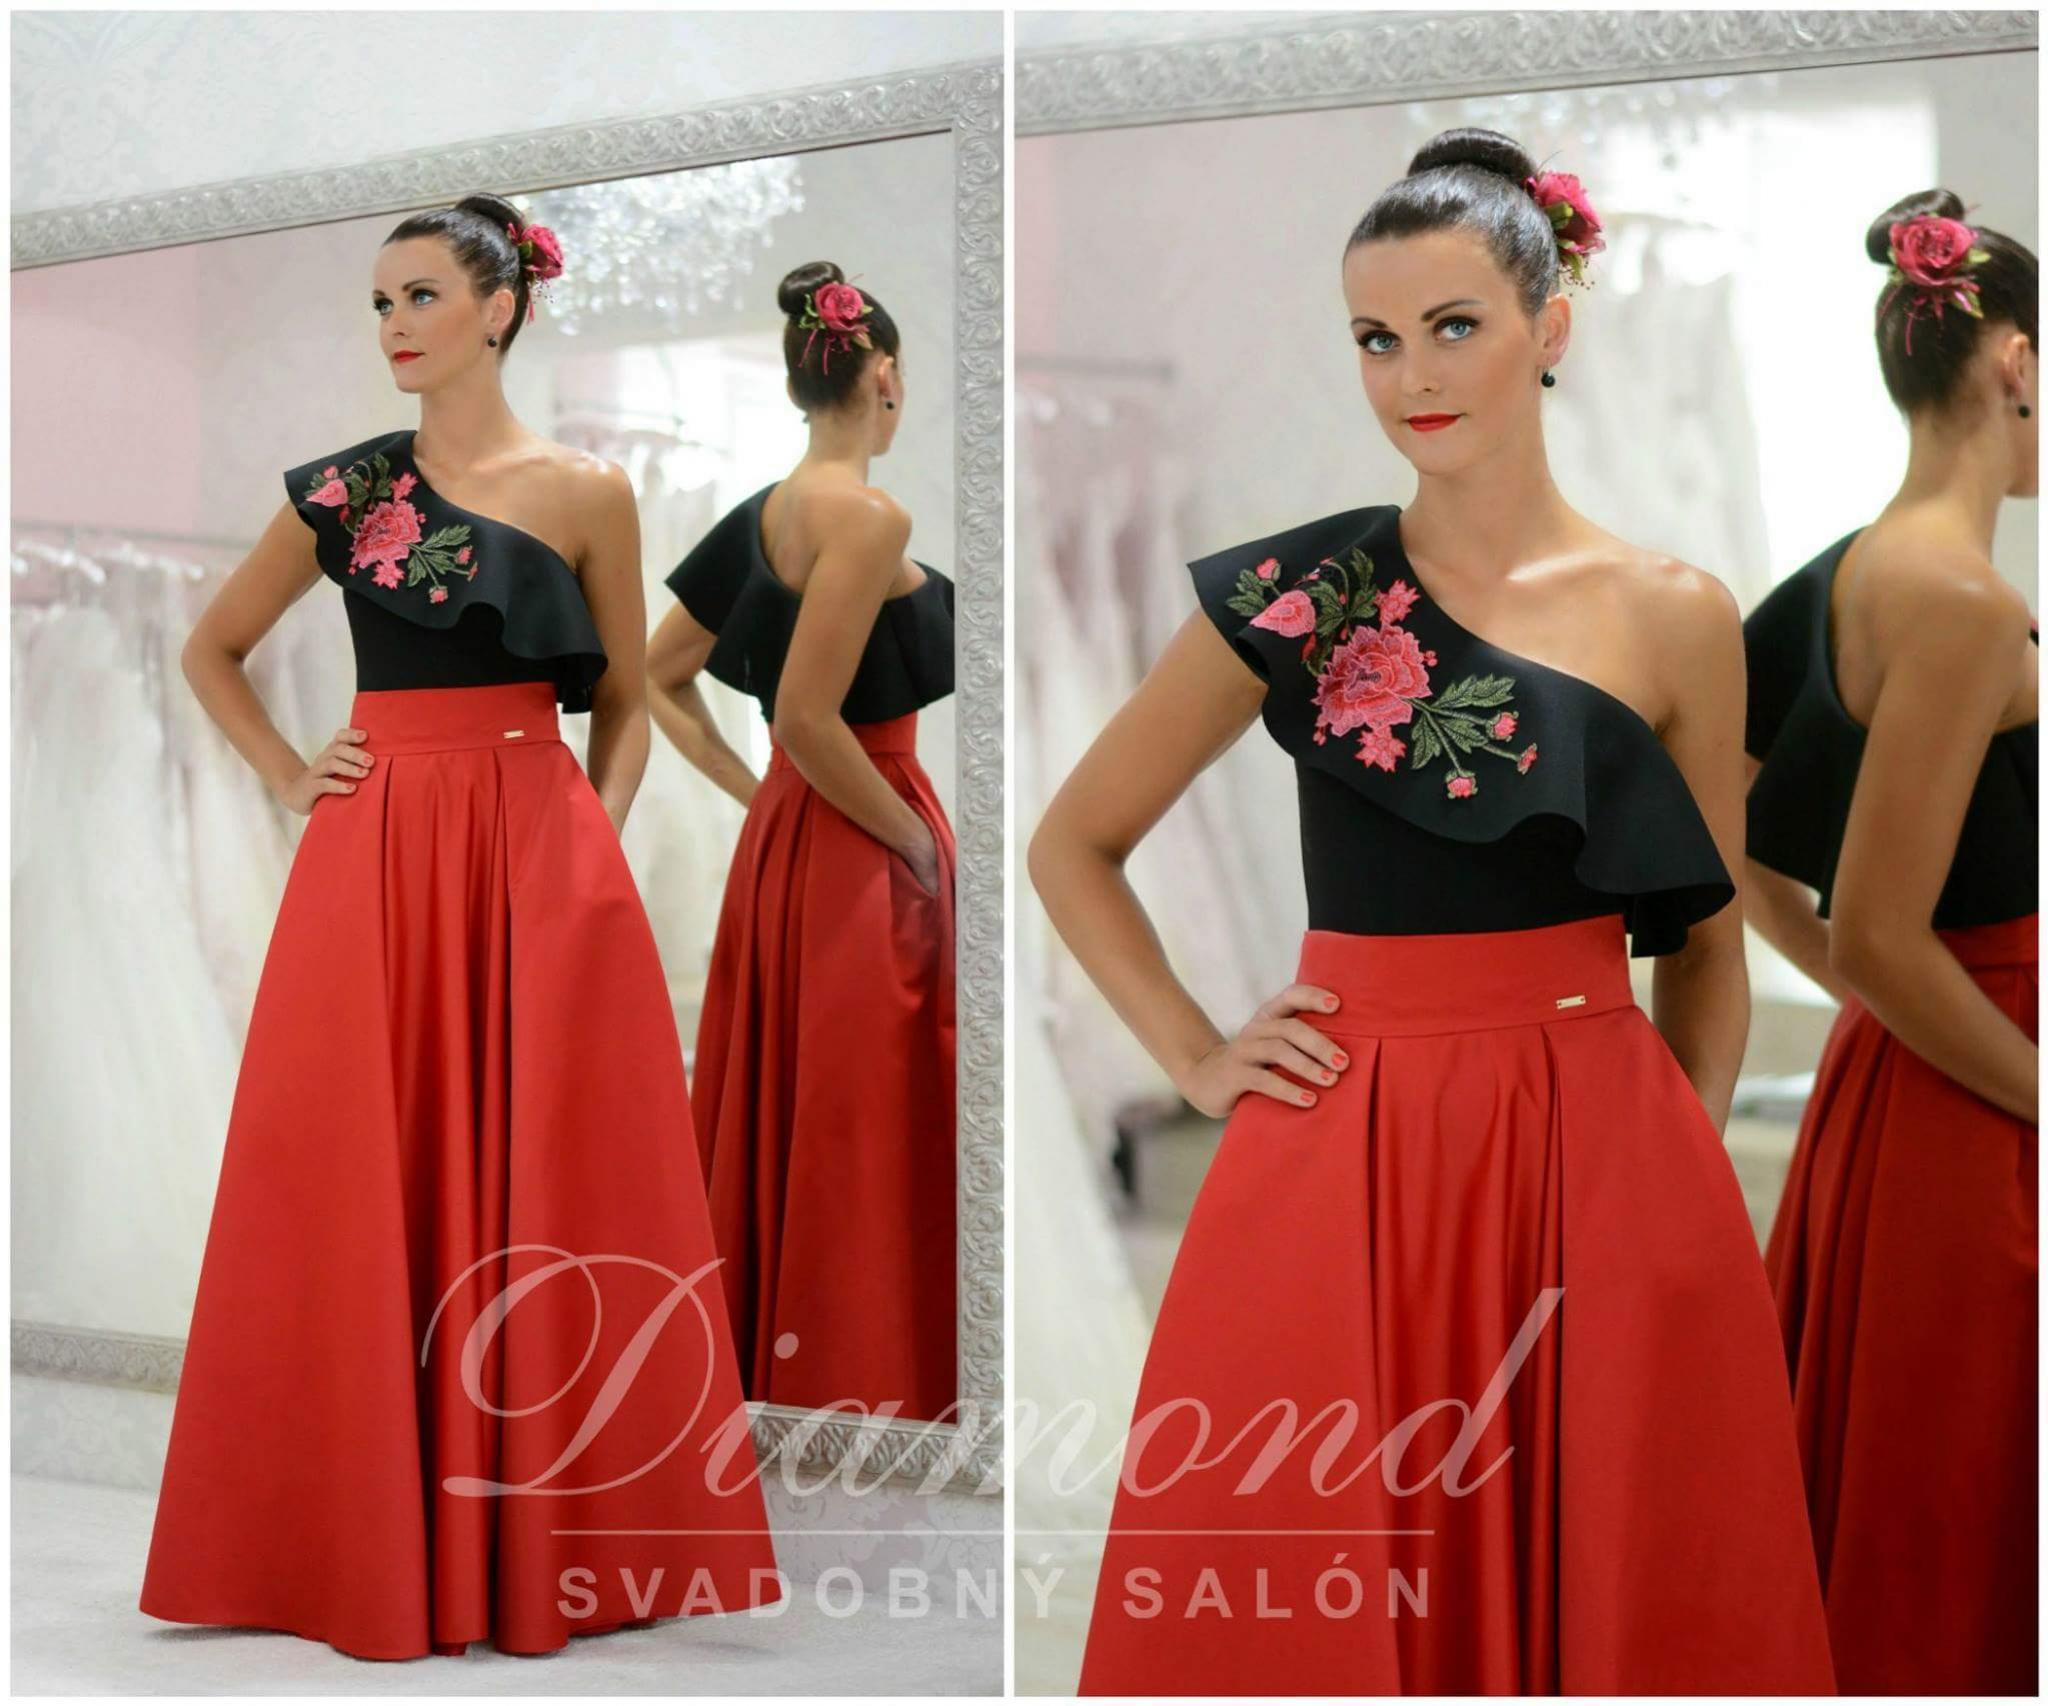 Diamond svadobný salón - saténové sukne